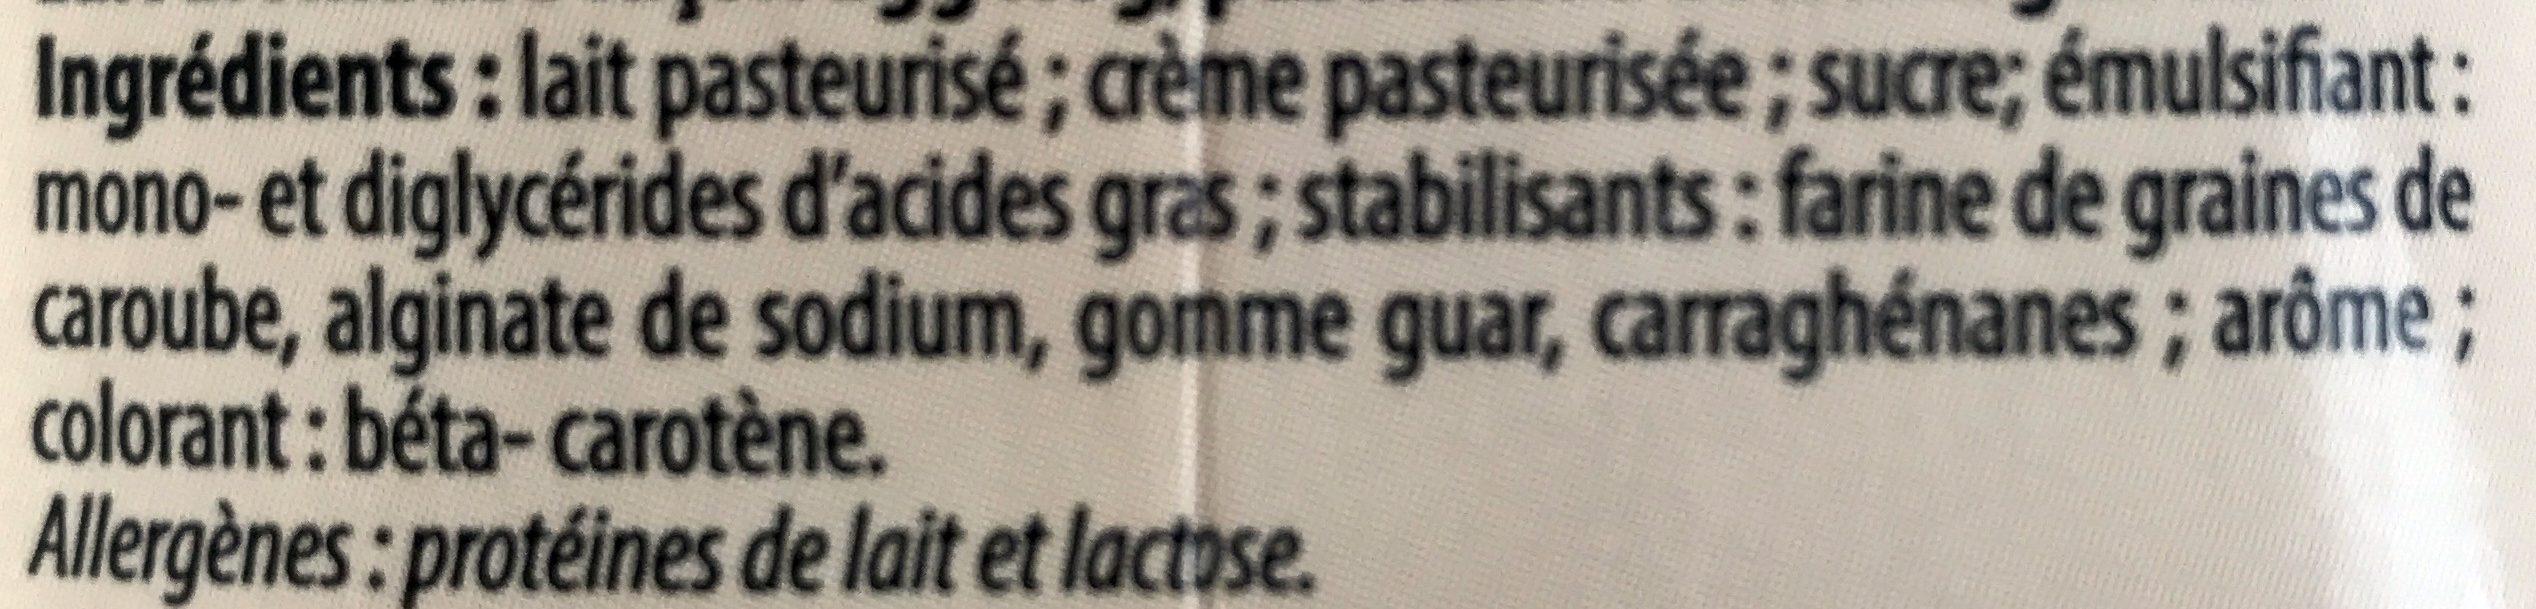 Egg Nog - Ingrédients